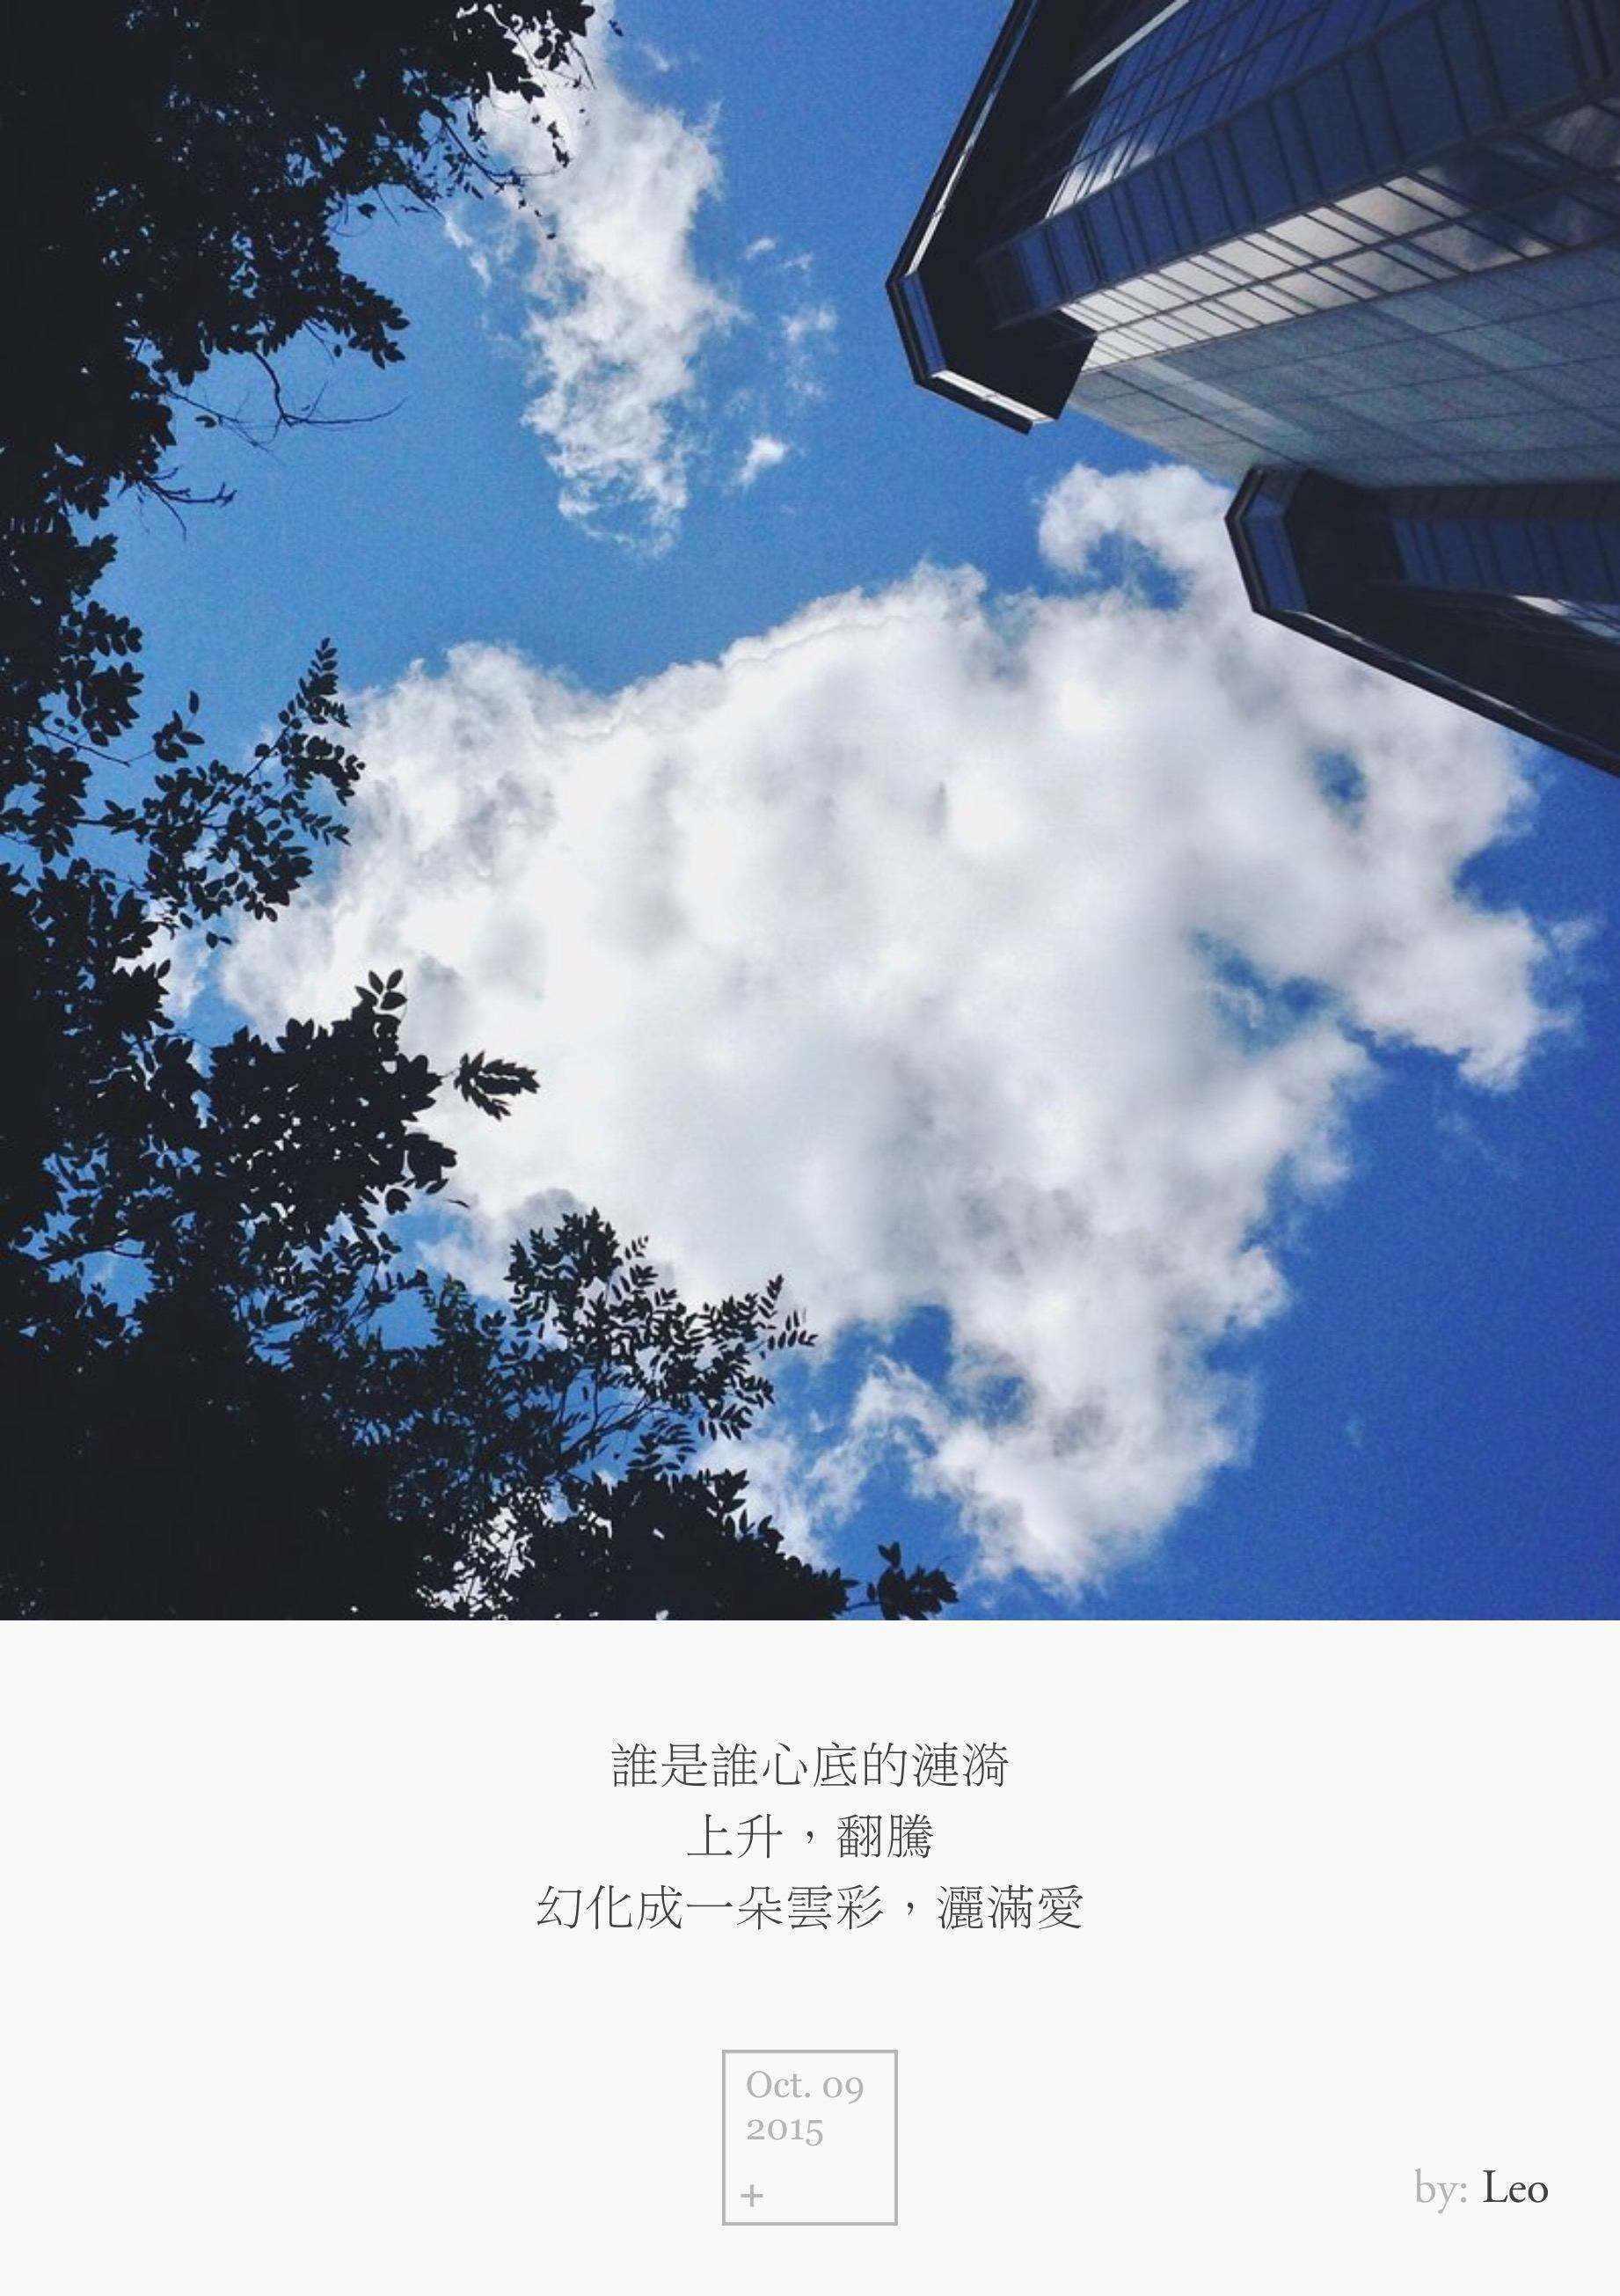 白云蓝天高楼